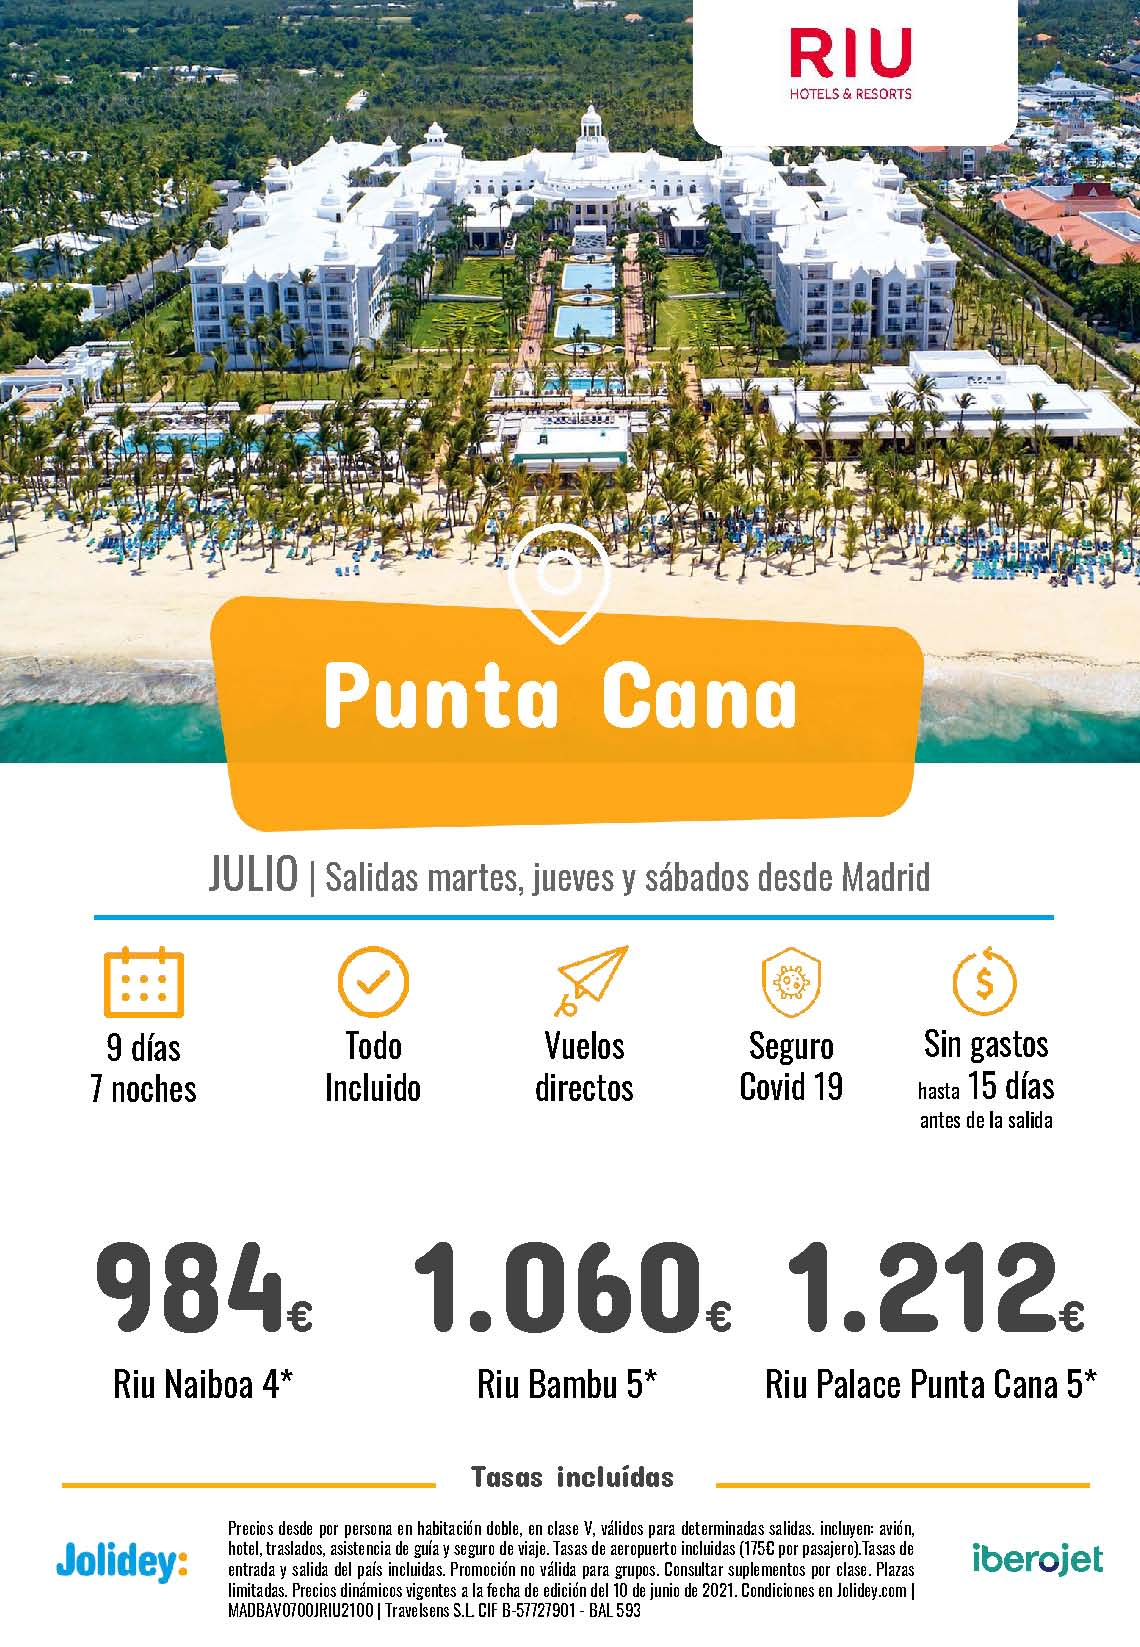 Ofertas Jolidey Punta Cana en Hoteles Riu Julio 2021 vuelo directo desde Madrid